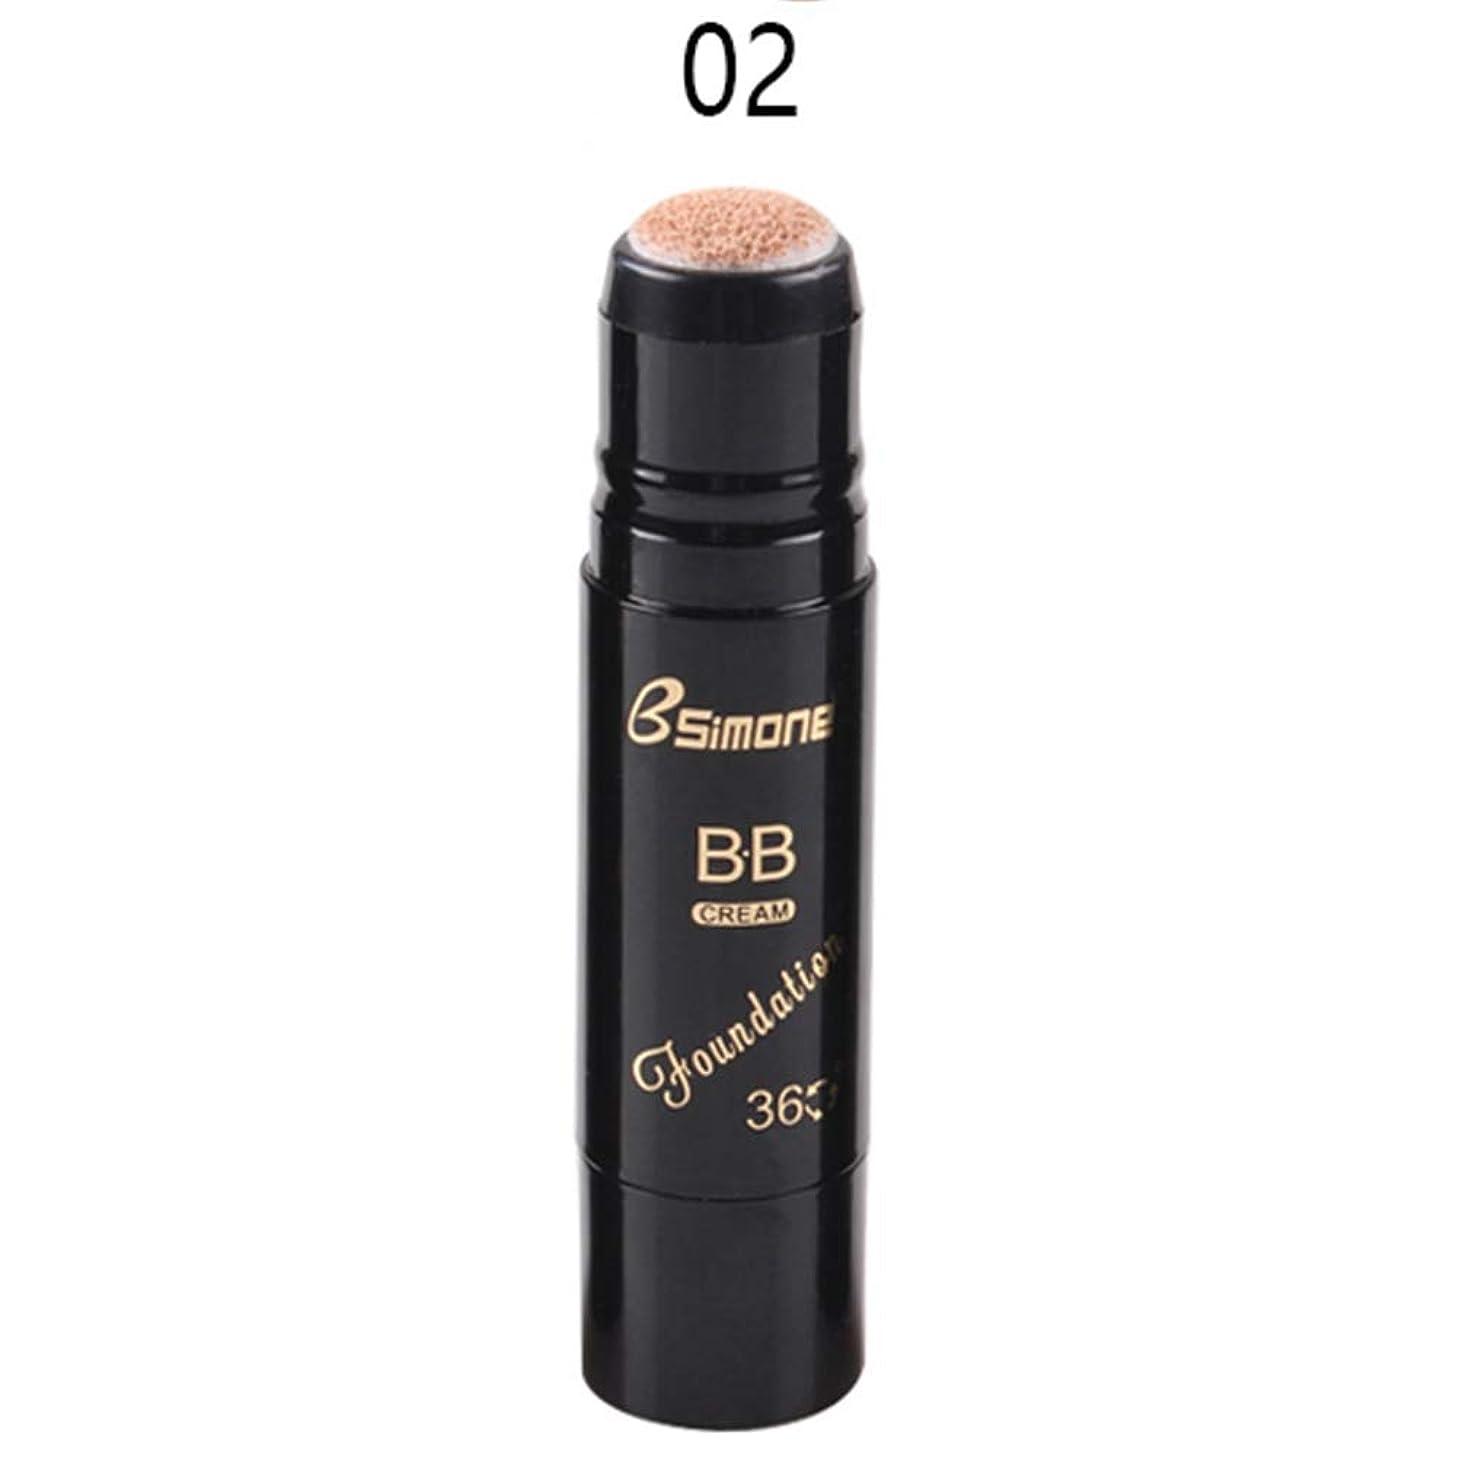 嫌な匹敵します活気づけるCutelove BBクリーム コンシーラー ファンデーションクリーム 保湿 肌の色を明るくする 化粧プライマー コンシーラースティック フェイスケア 化粧品 美容